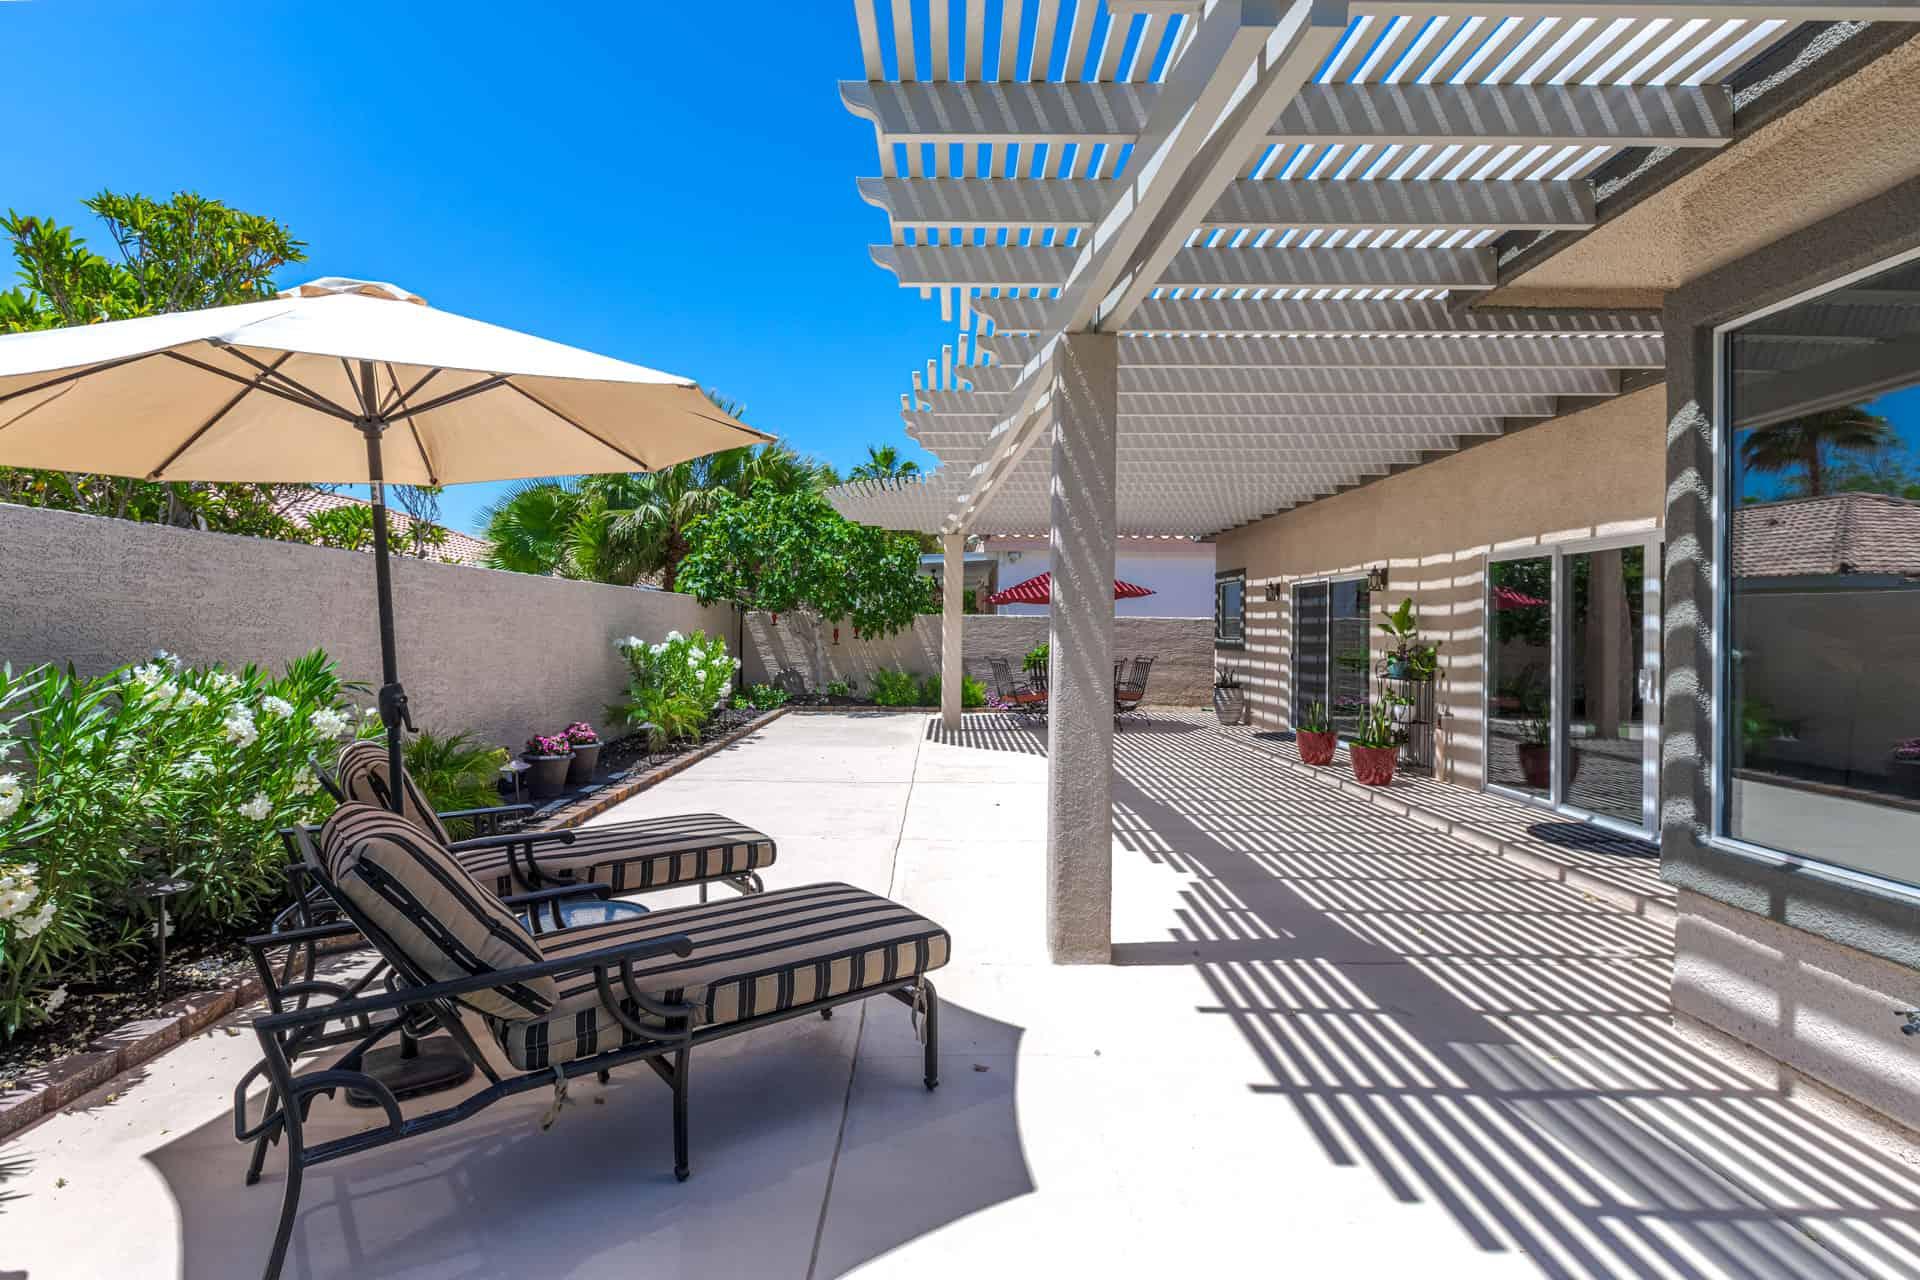 pergola-covered patio